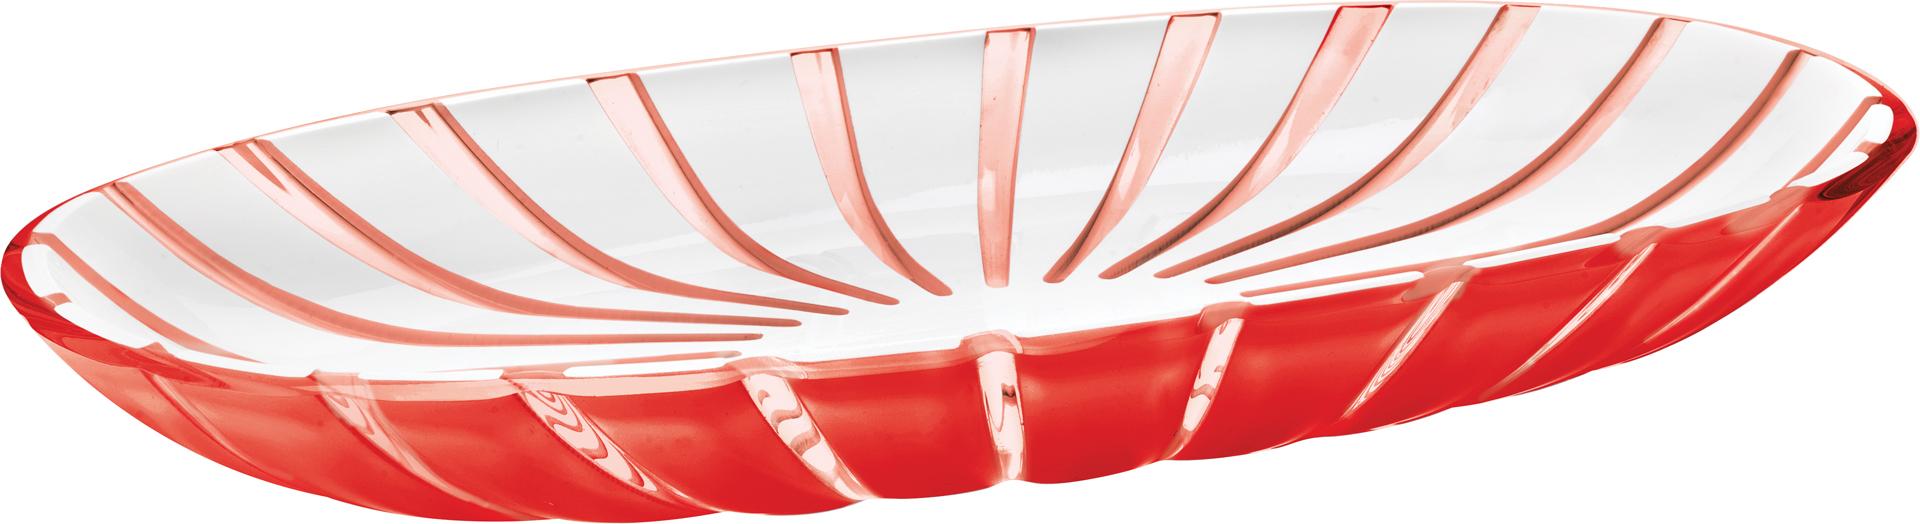 Guzzini vassoio da portata grace rosso accessori - Vassoio da portata ...